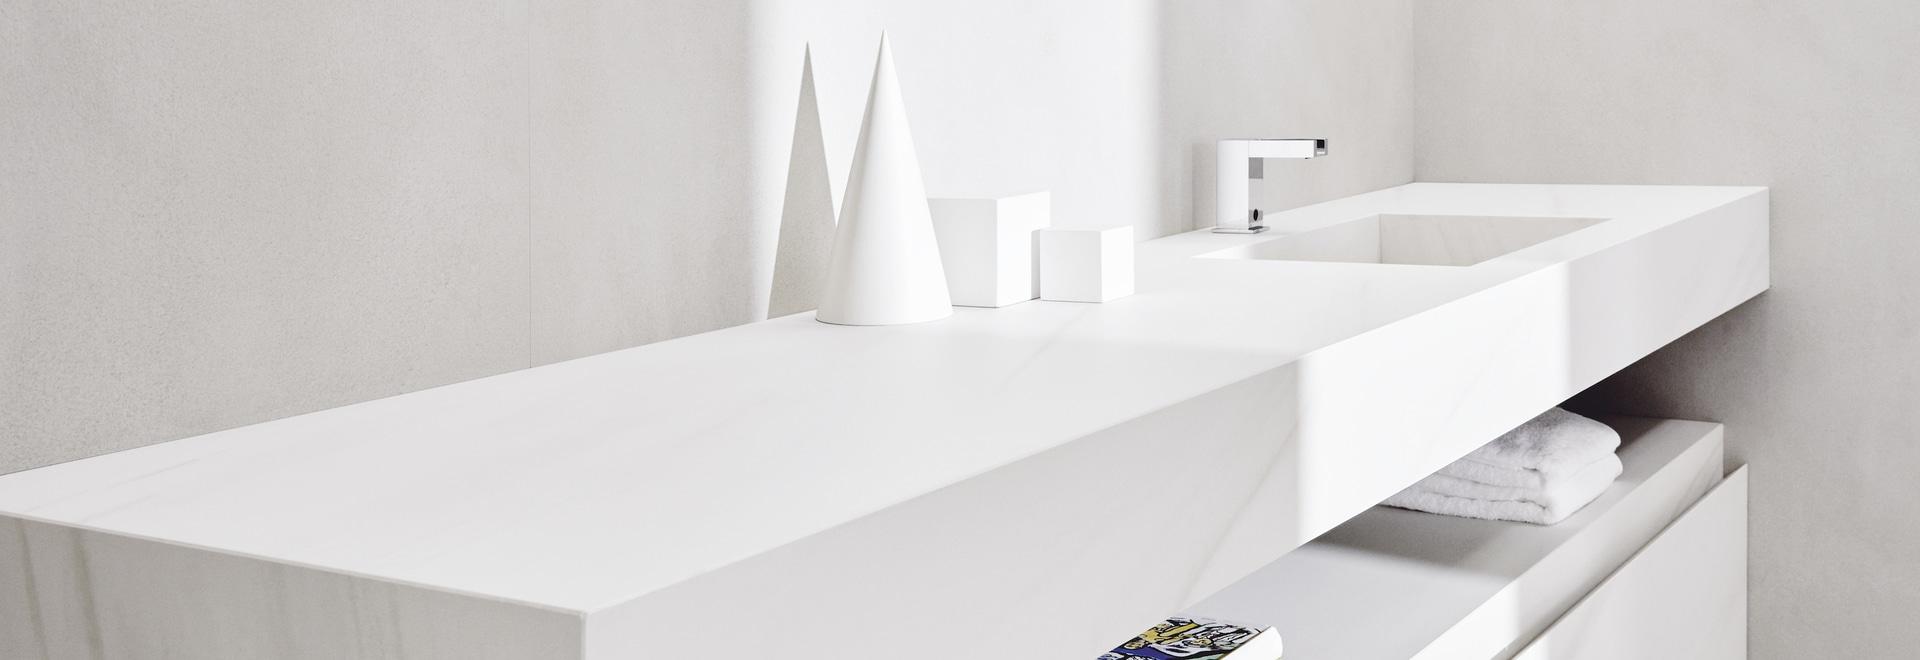 Badezimmer, privater Wohnsitz